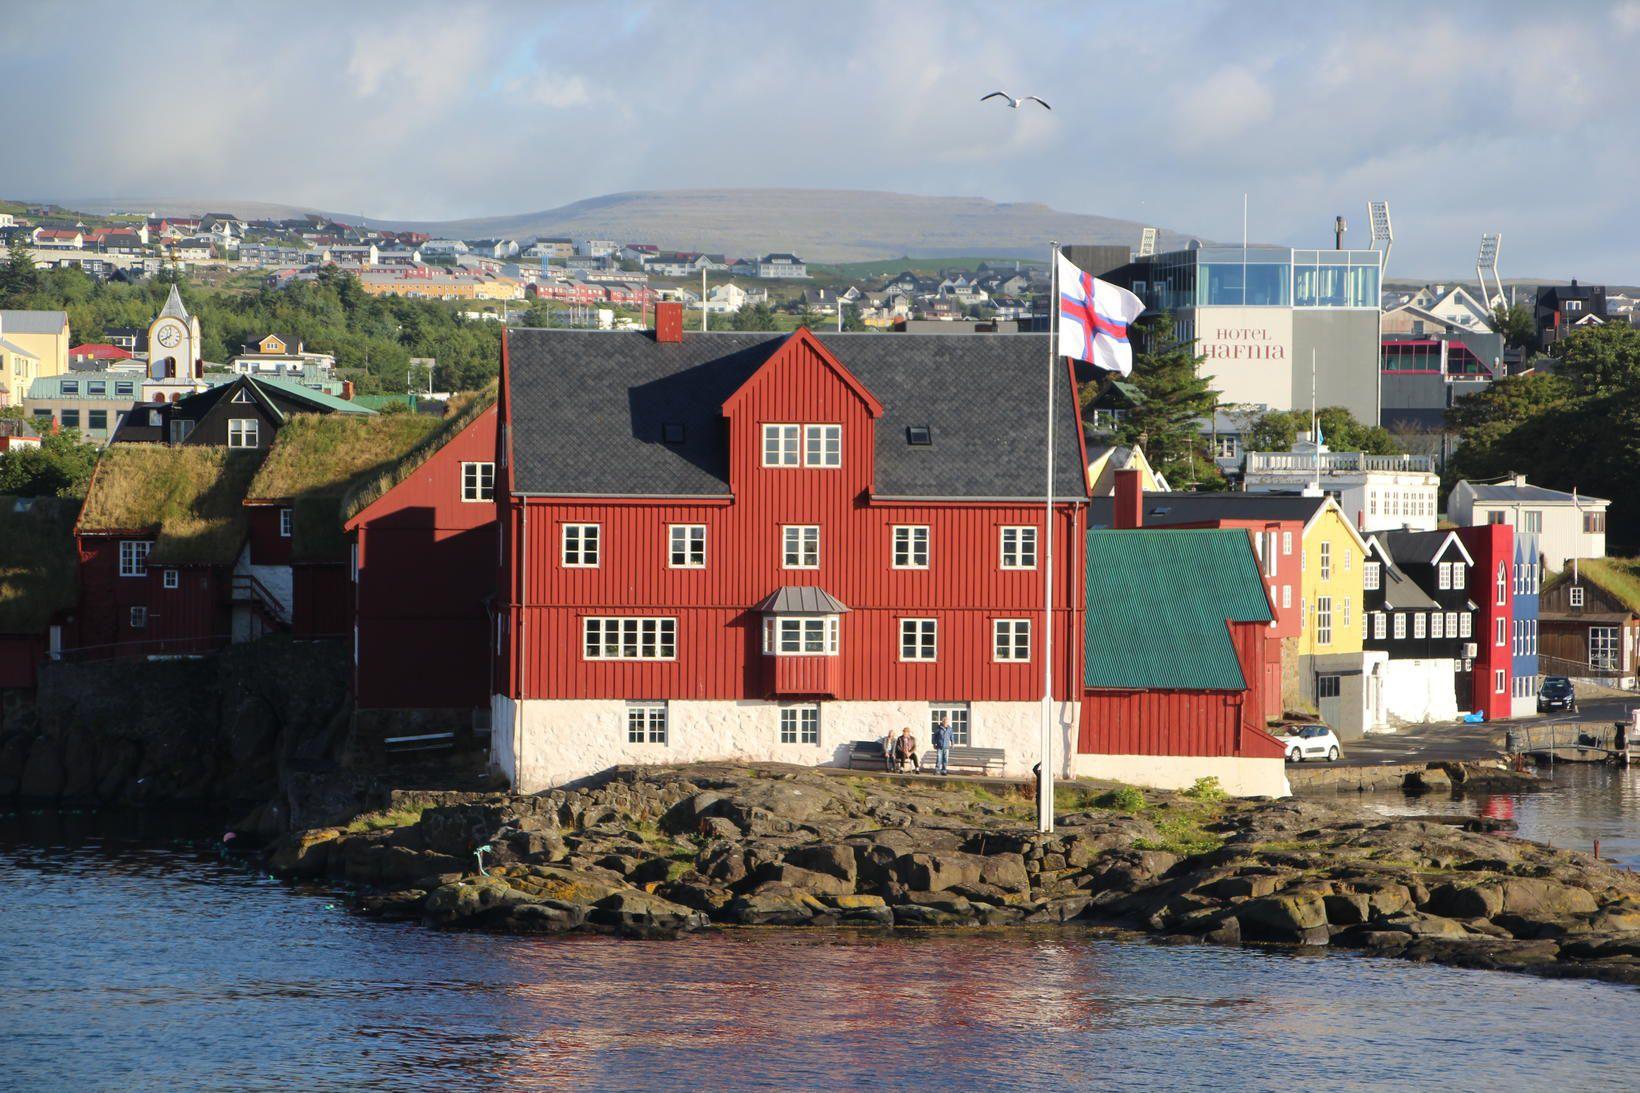 Tekið verður gjald fyrir landamæraskimun í Færeyjum frá 14. ágúst.